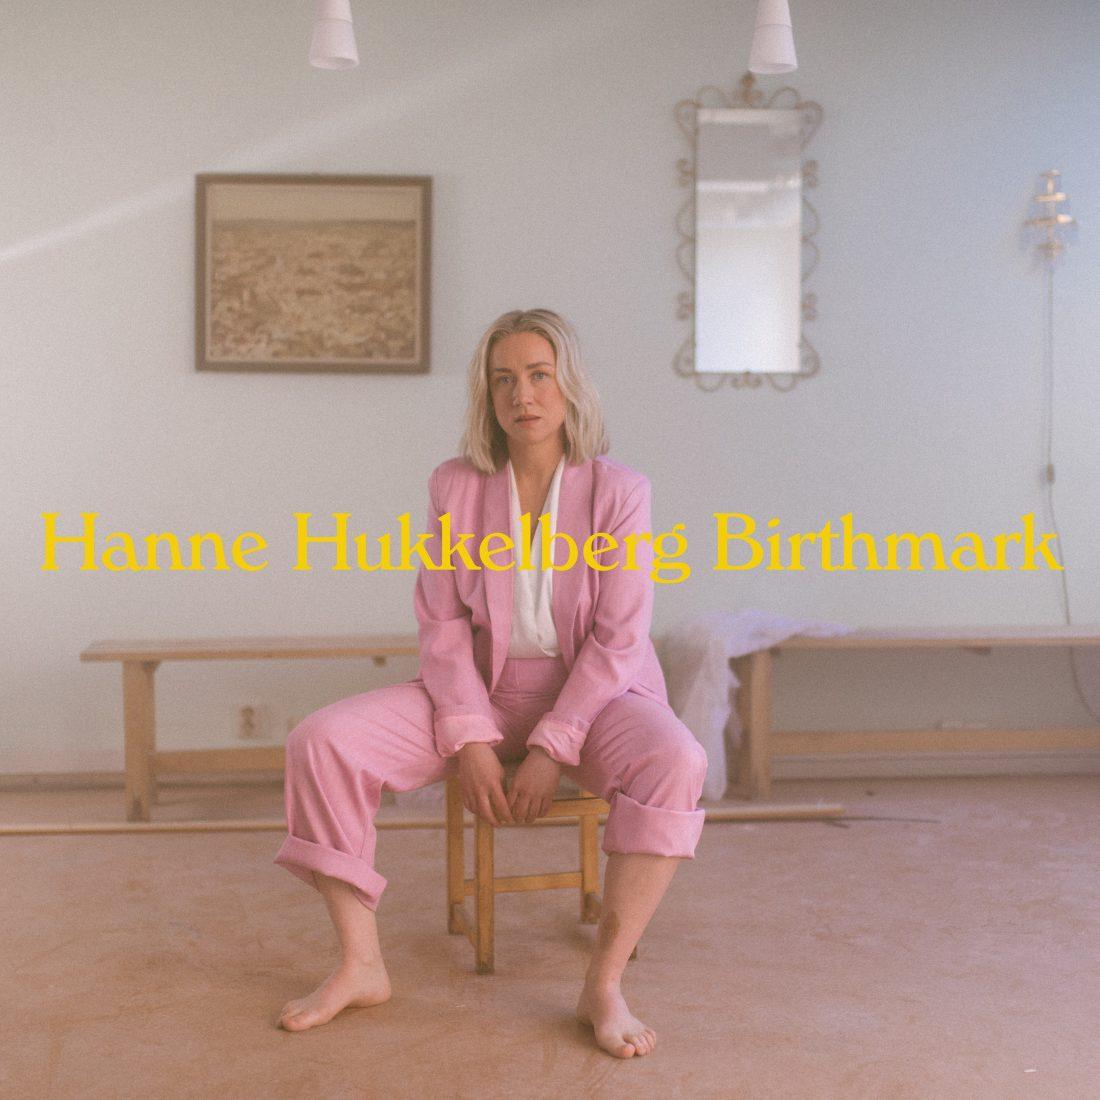 Hanne Hukkelberg - Birthmark